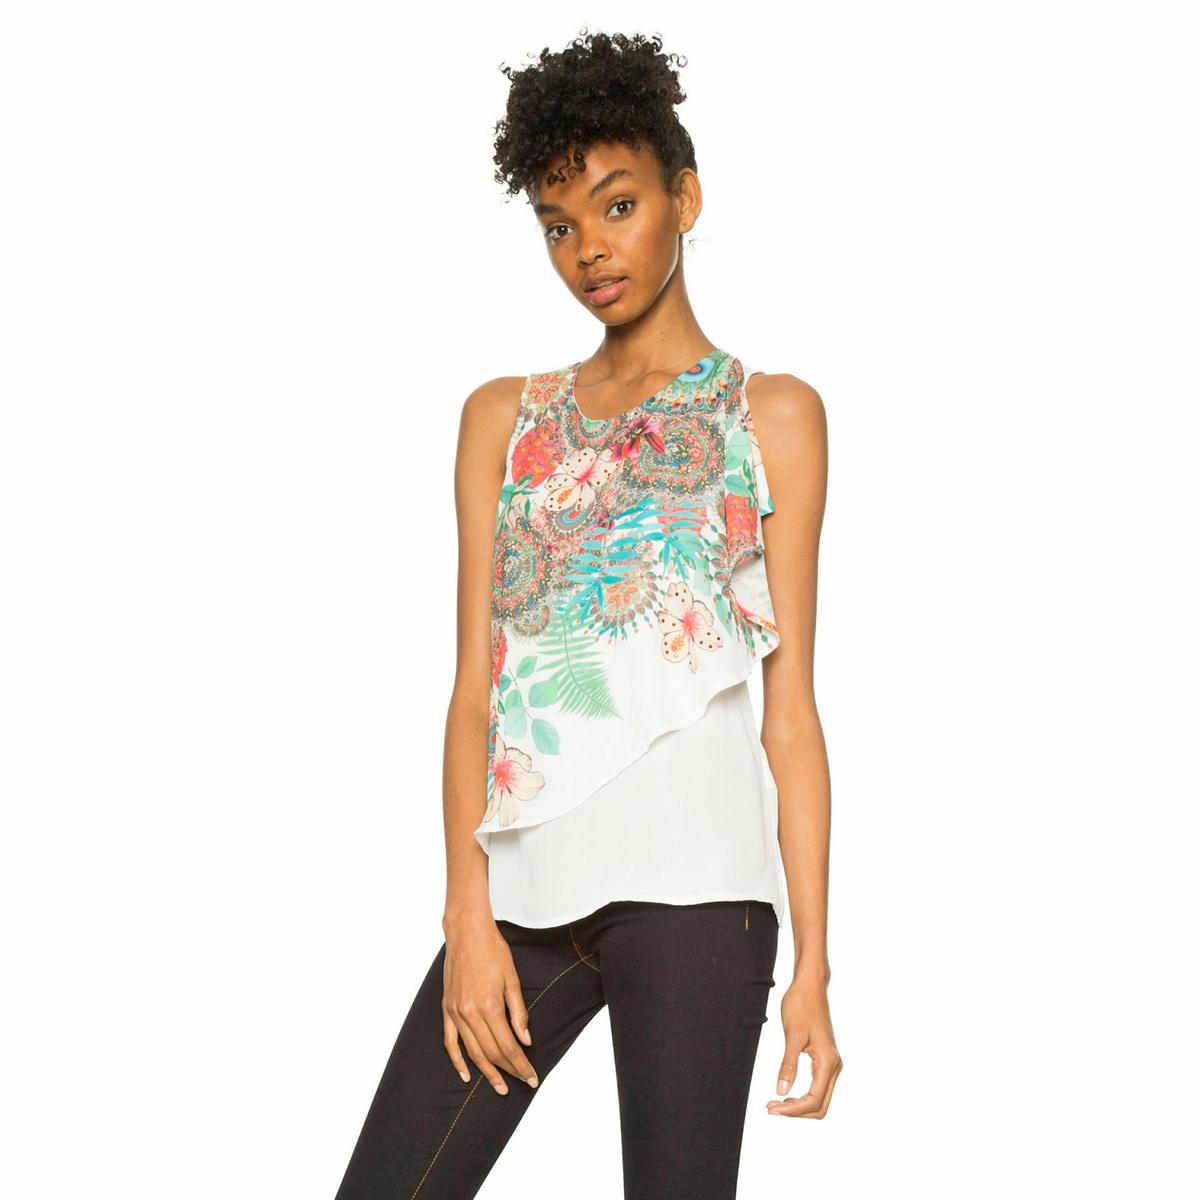 Блузка с круглым вырезом и графическим рисунком, без рукавов блузка однотонная с круглым вырезом без рукавов